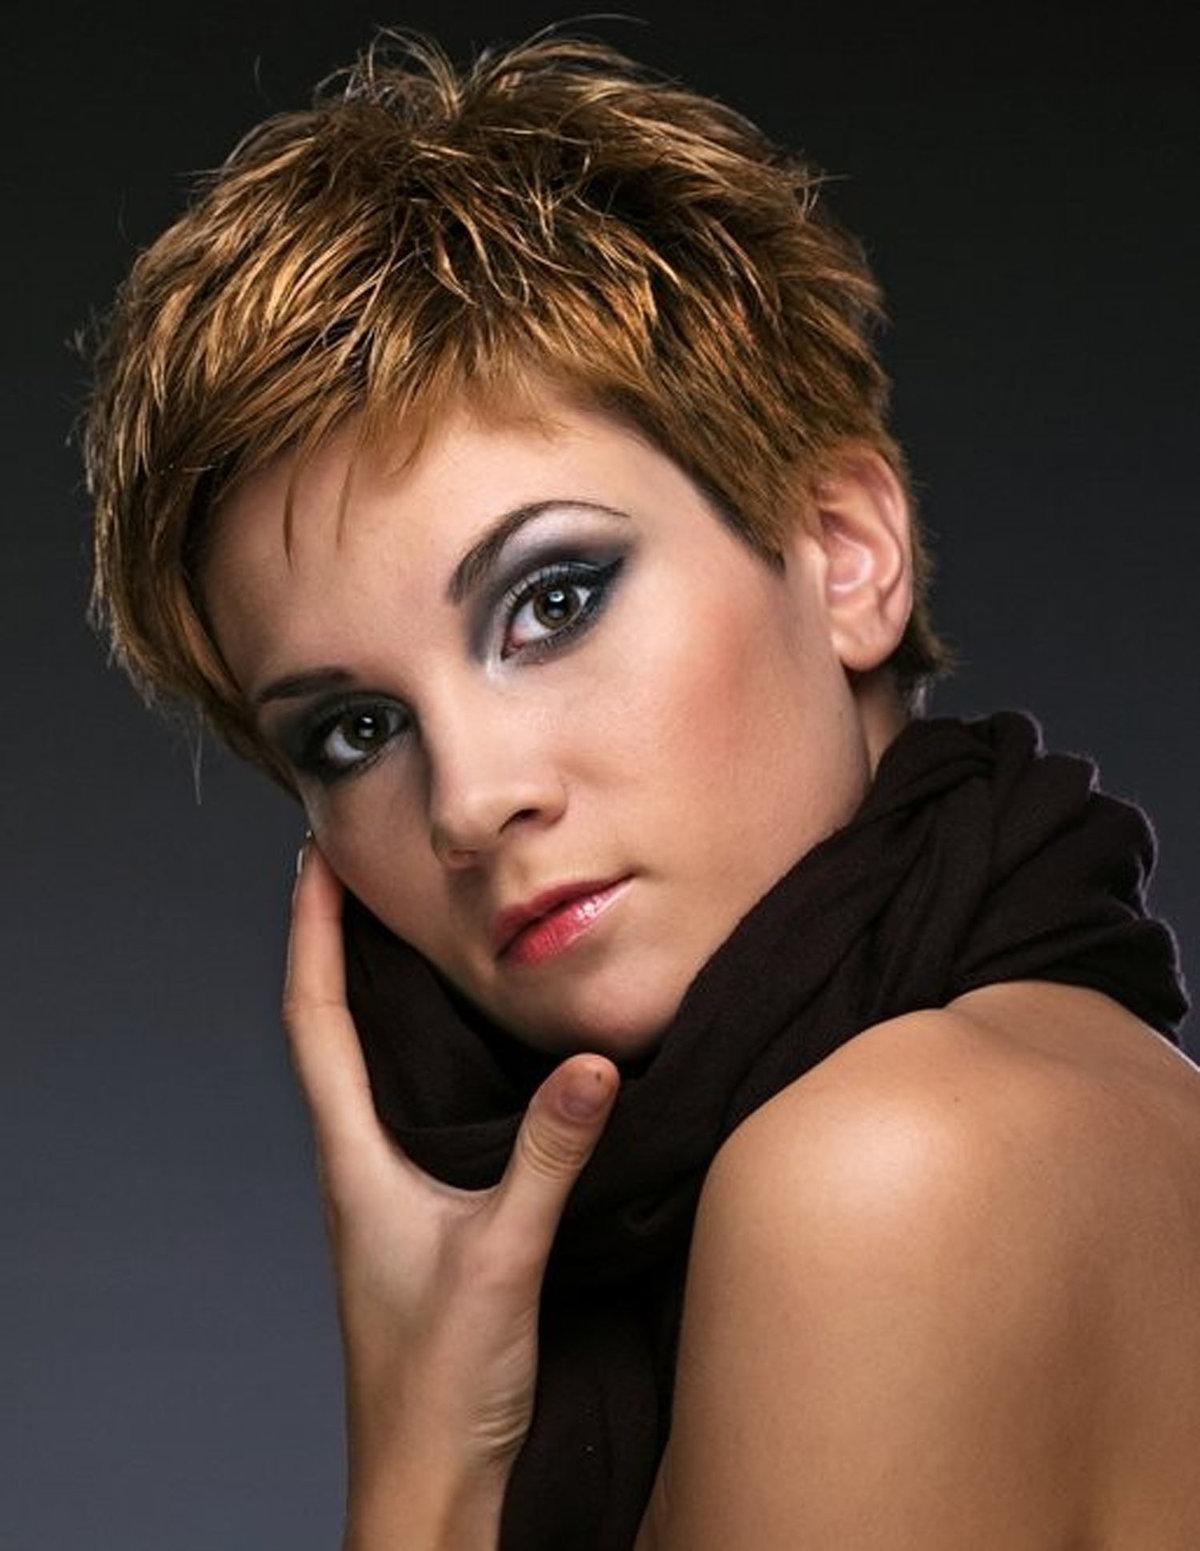 Прическа с мокрым эффектом на короткий волос фото